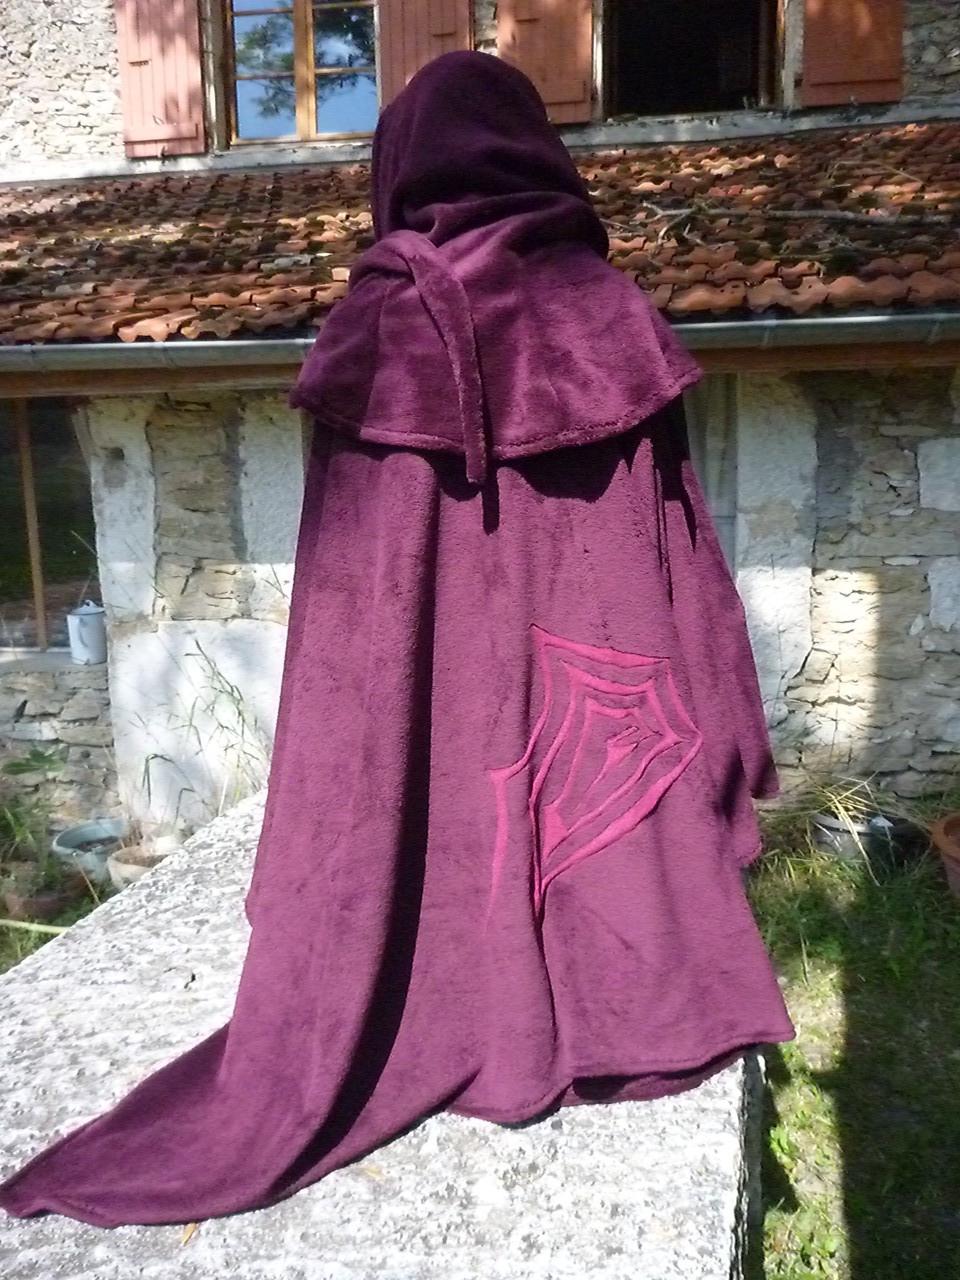 La Capuche médiévale et son châle Qui donnent le teint frais ...